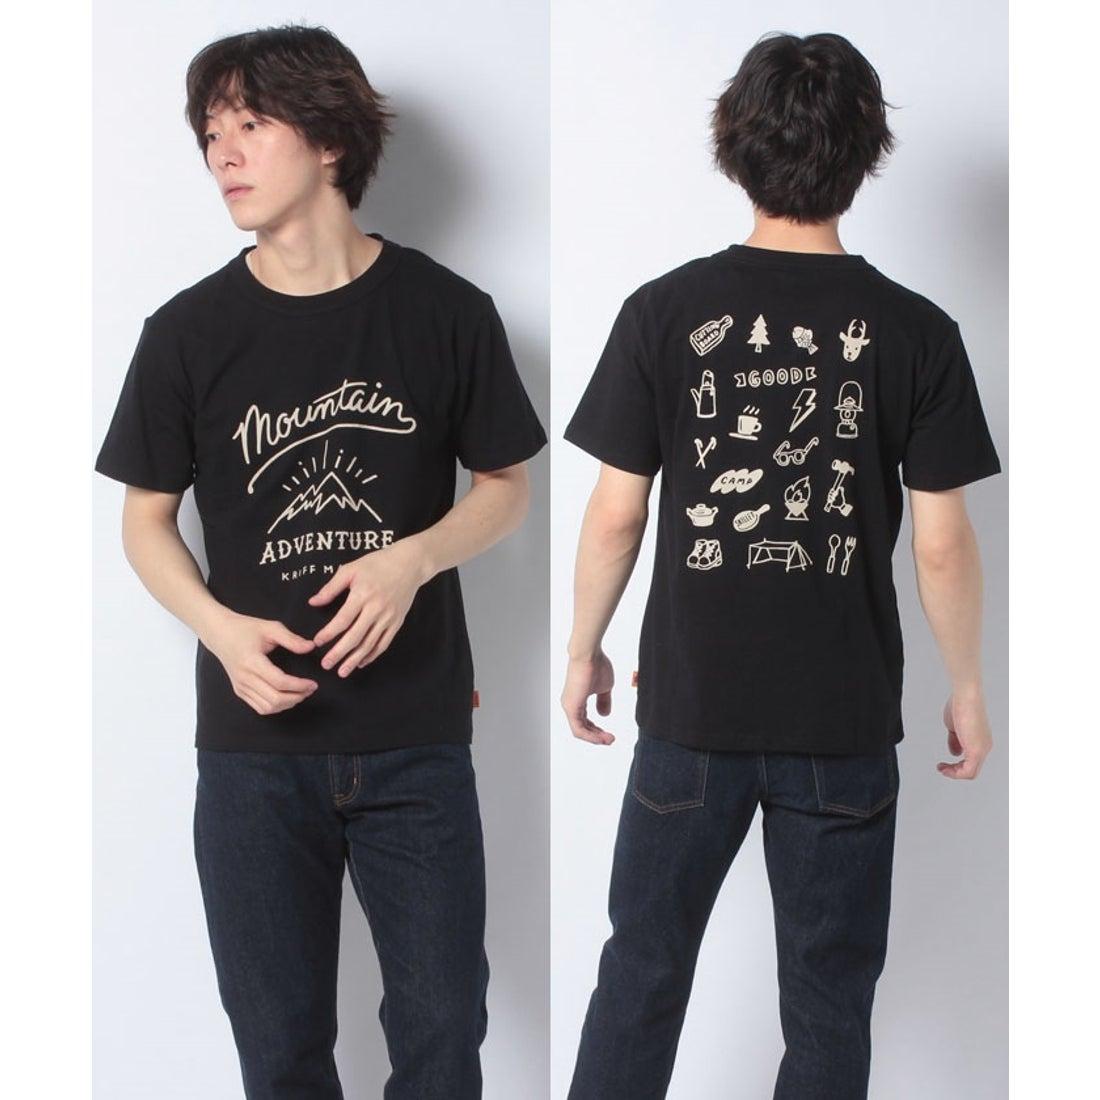 ロコンド 靴とファッションの通販サイトKRIFF MAYER ゆるアメカジT(MOUNTAIN)(ブラック)【返品不可商品】